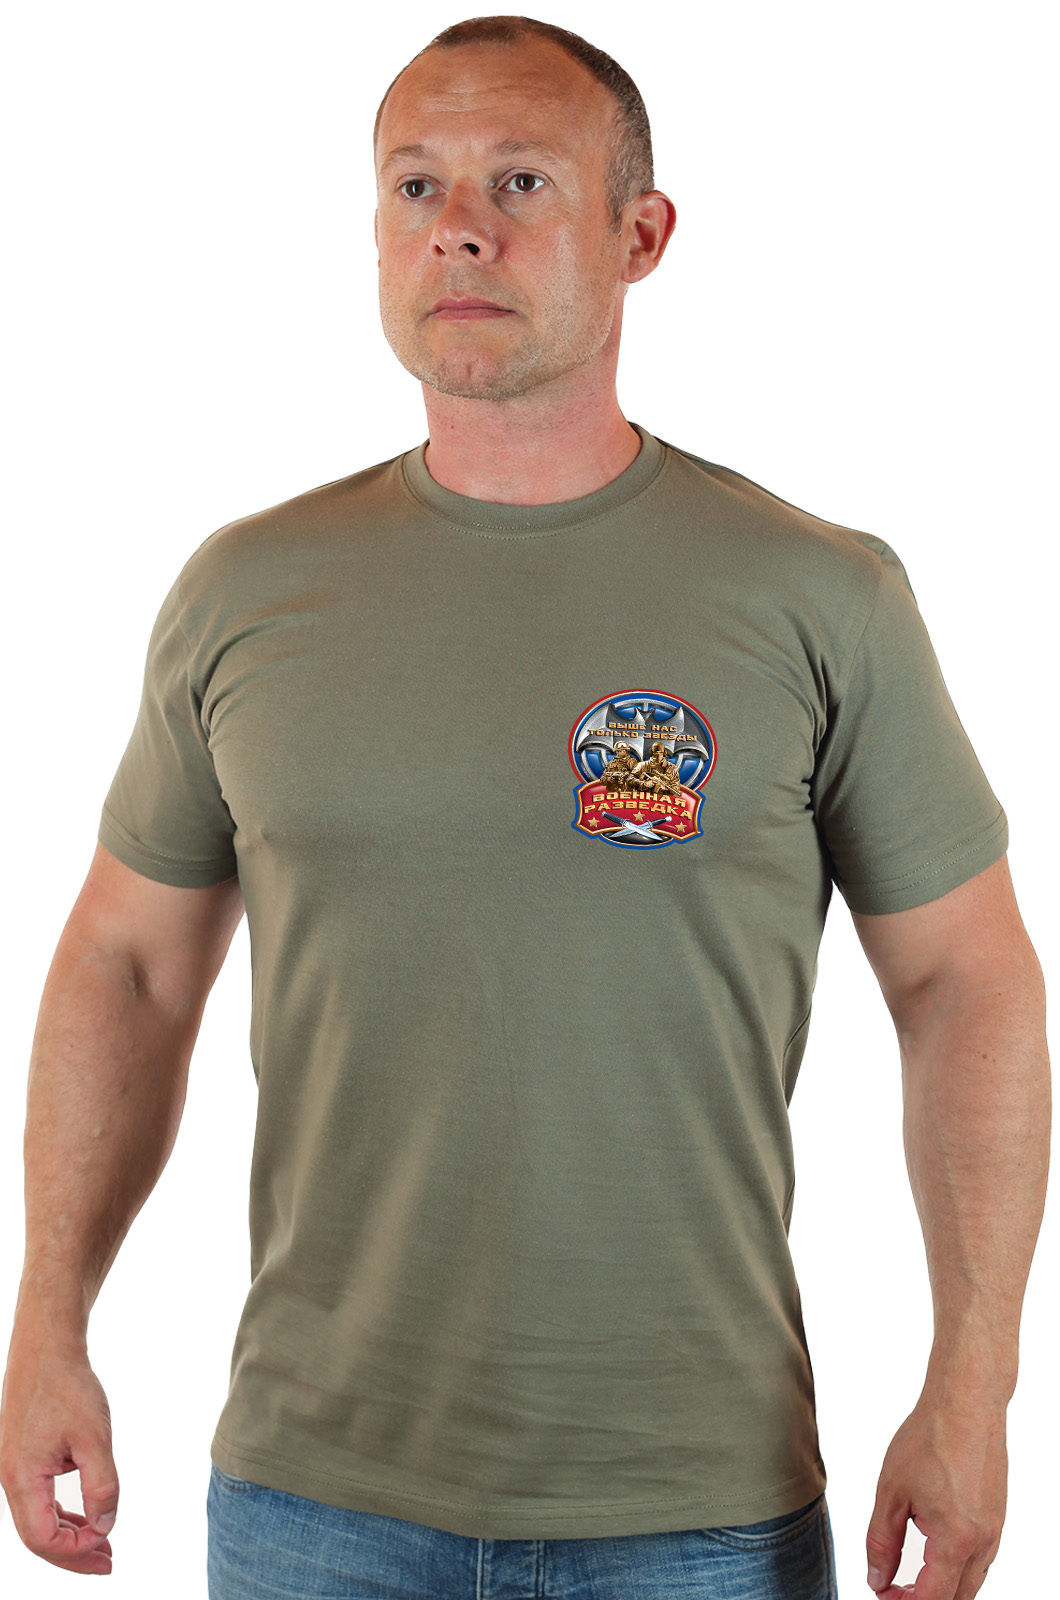 Купить футболку в стиле милитари Военная разведка по привлекательной цене